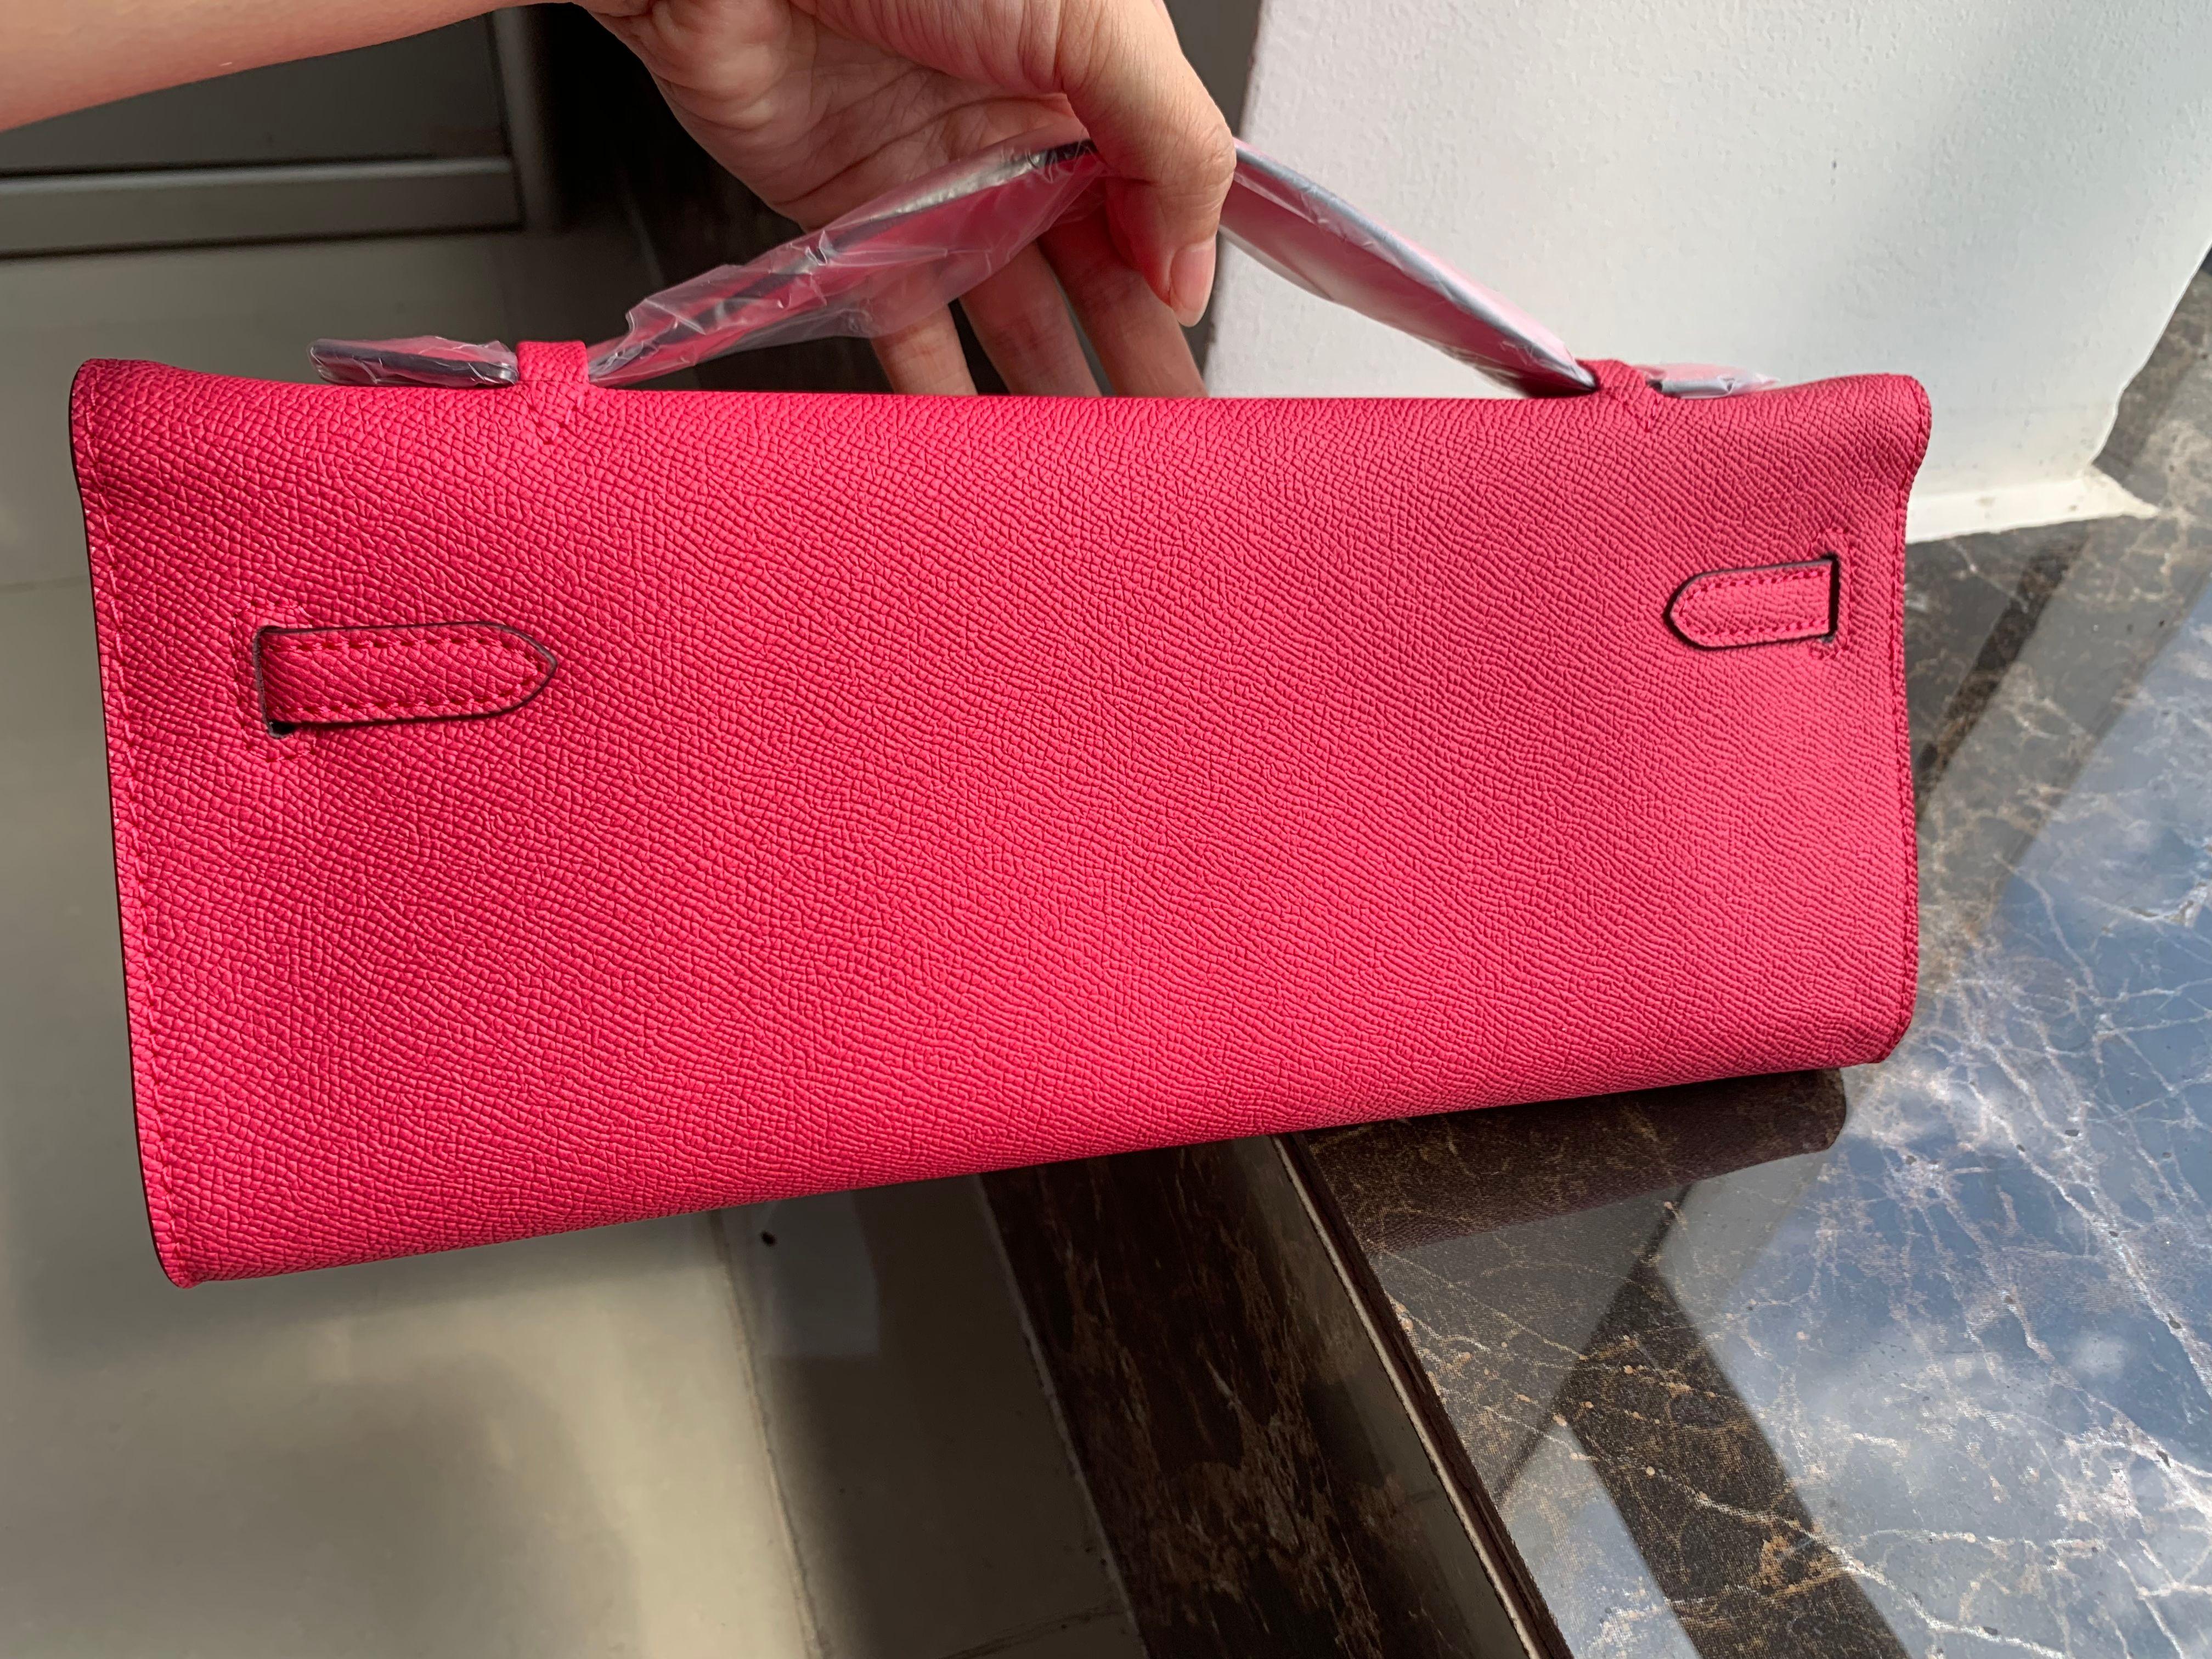 Heiße Frauen Tasche Echte Brieftasche Alligator Umschlag Geldbörse Platin Handtasche Taschen Kupplung Münze Leder Tasche Bhxes